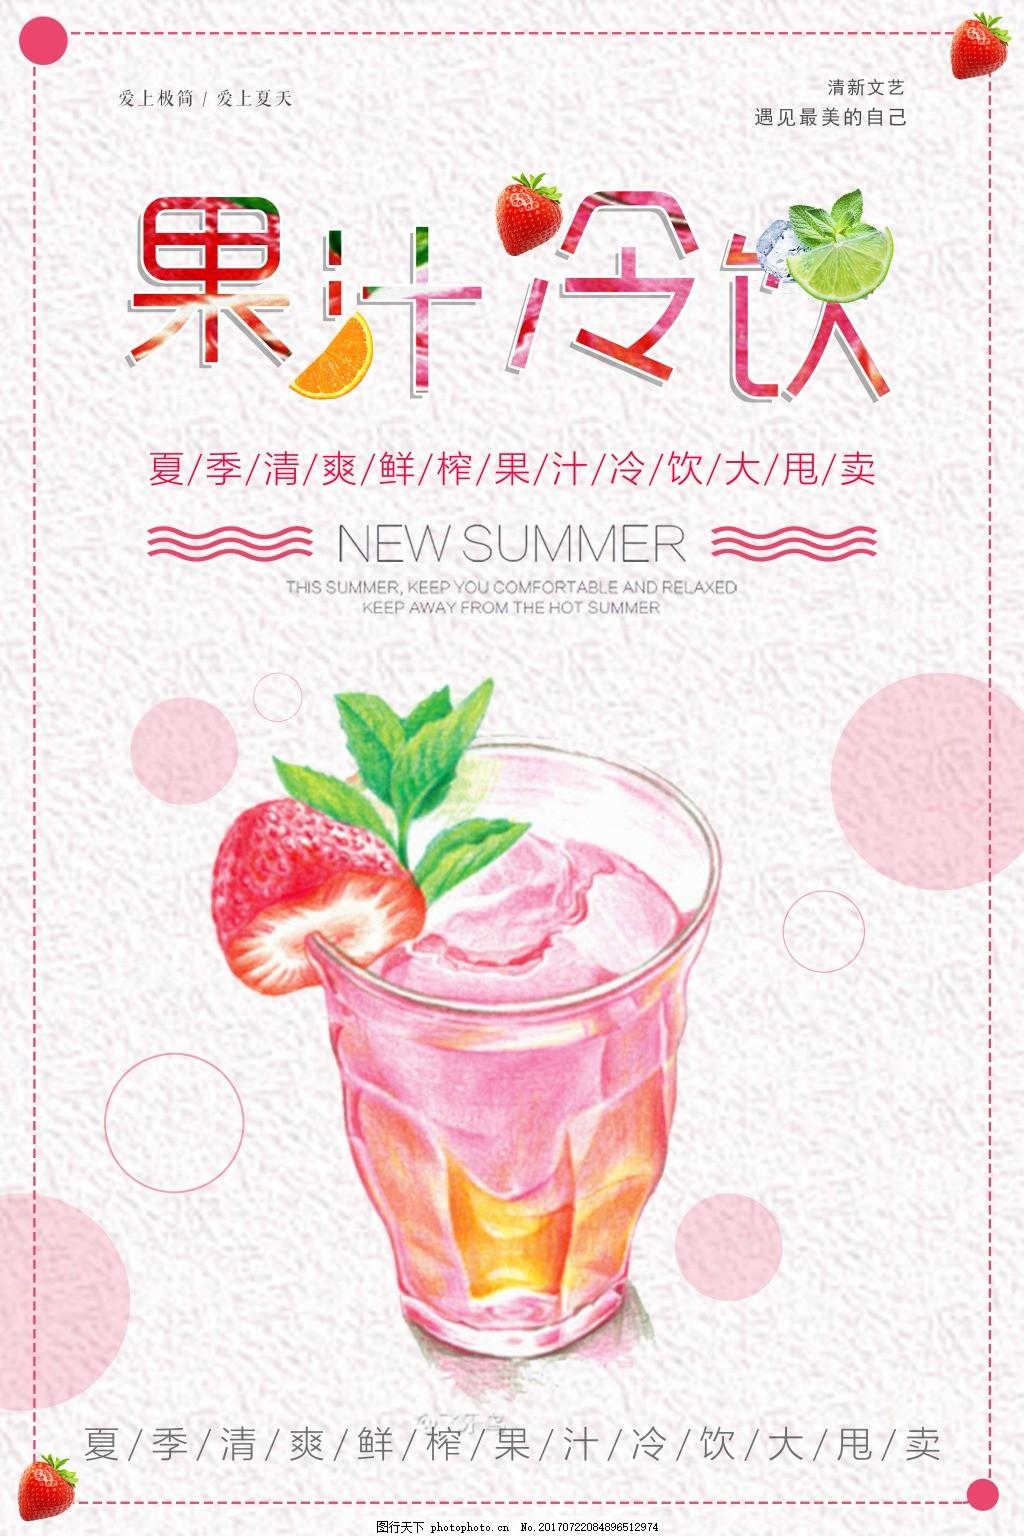 小清新夏日果汁冷饮海报设计 饮料 蔬菜水果 果蔬 饮品 果蔬饮品